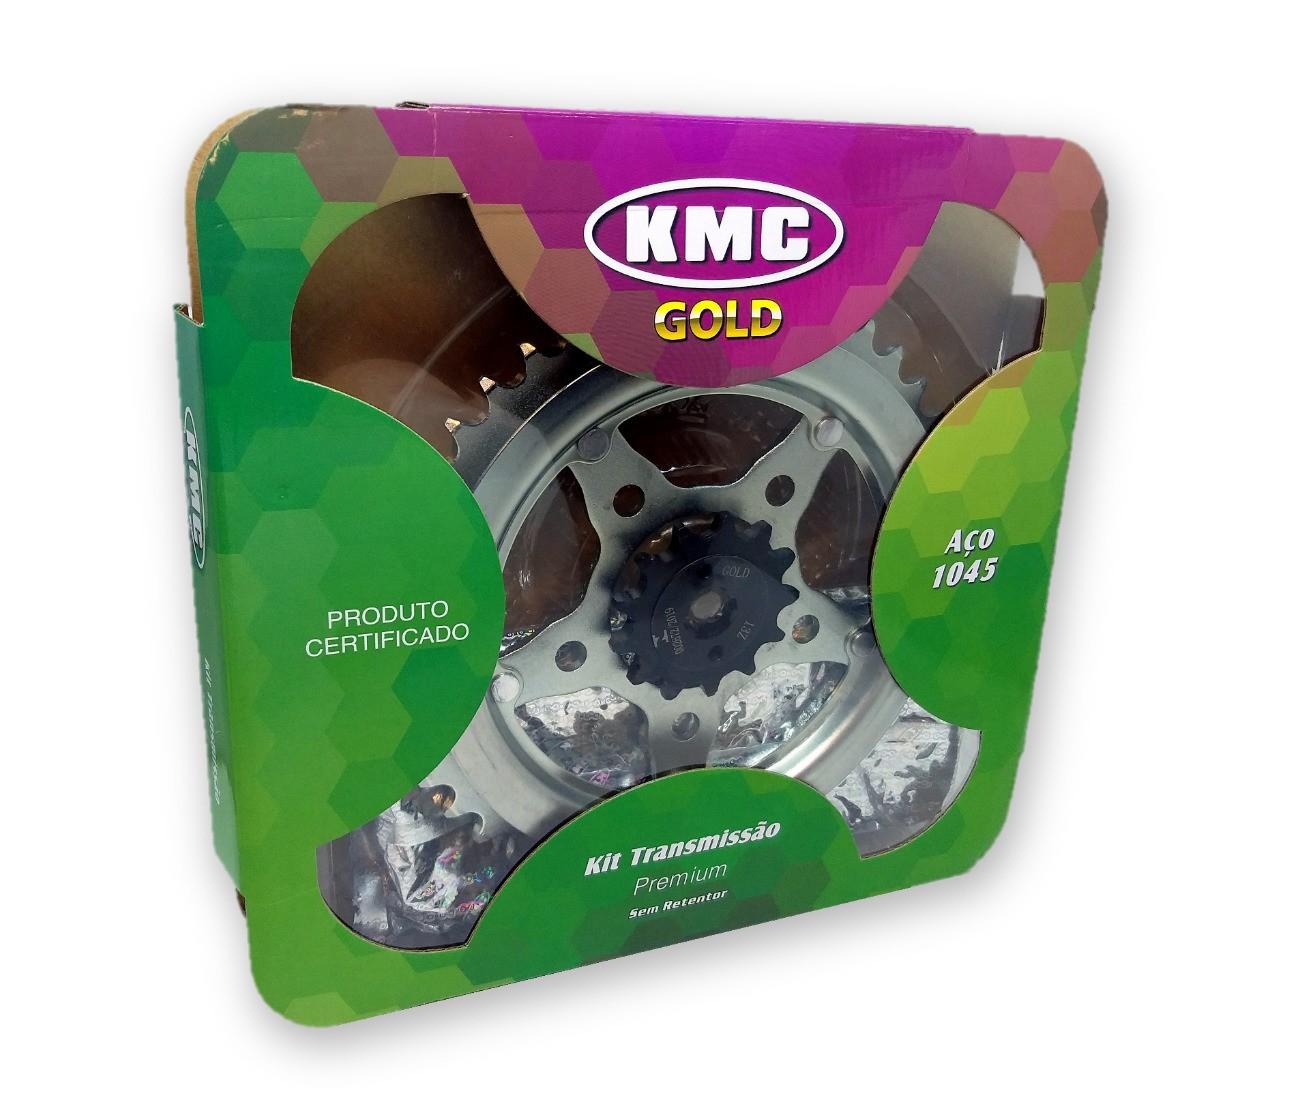 Kit Relação XR 200 Aço 1045 KMC GOLD 520x108x43x13